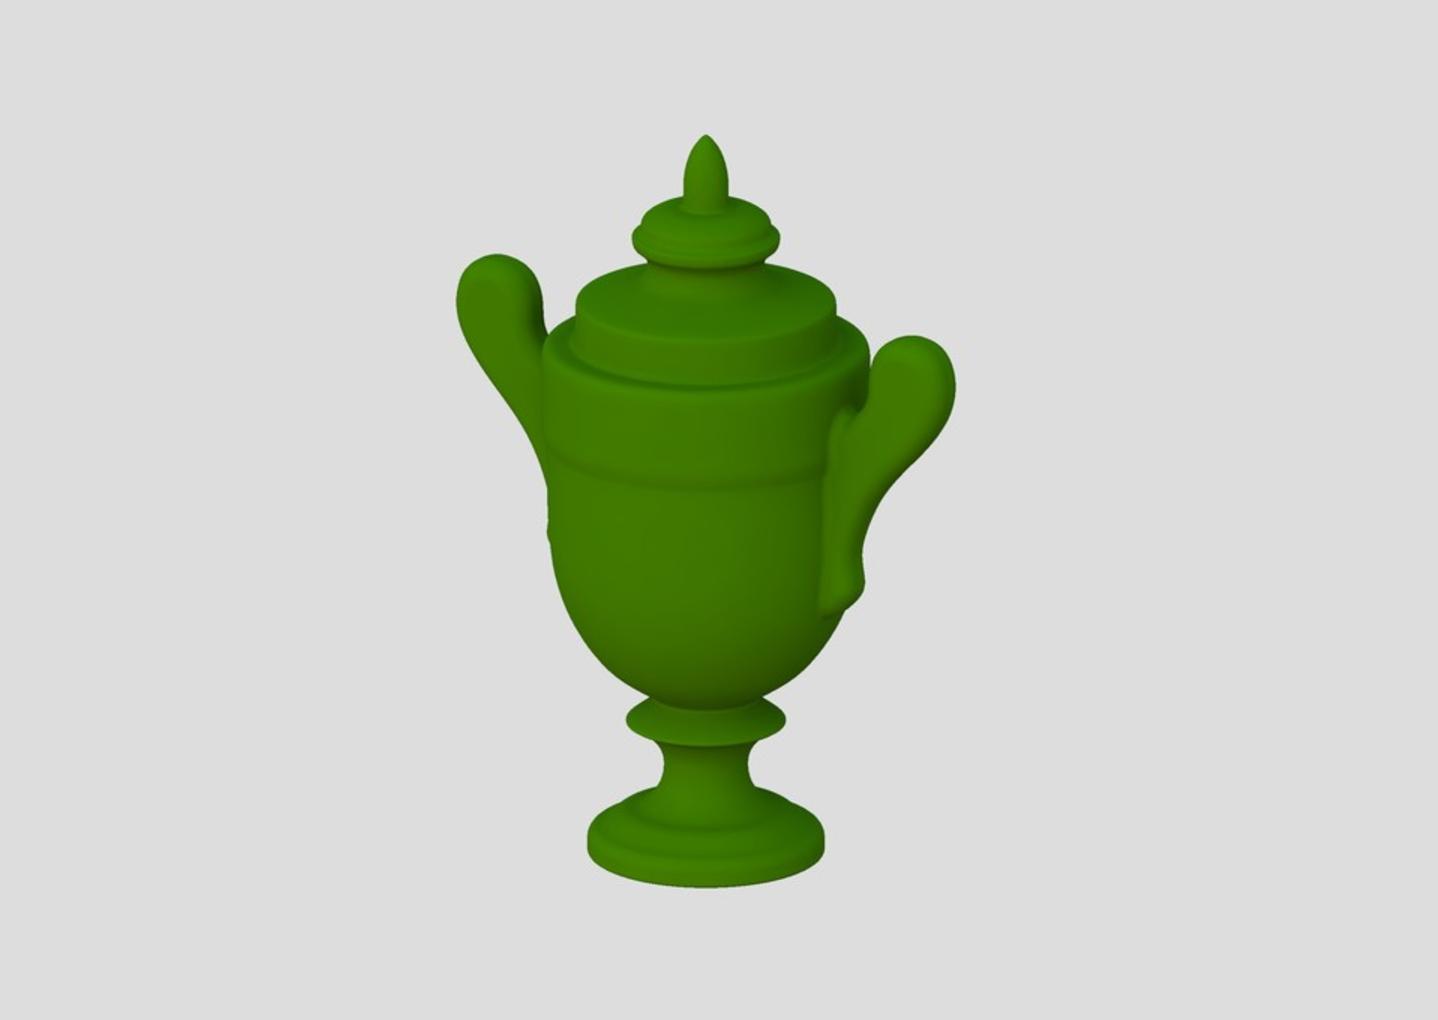 Capture d'écran 2017-04-12 à 14.16.16.png Download free STL file Trophy • 3D printer design, Chrisibub